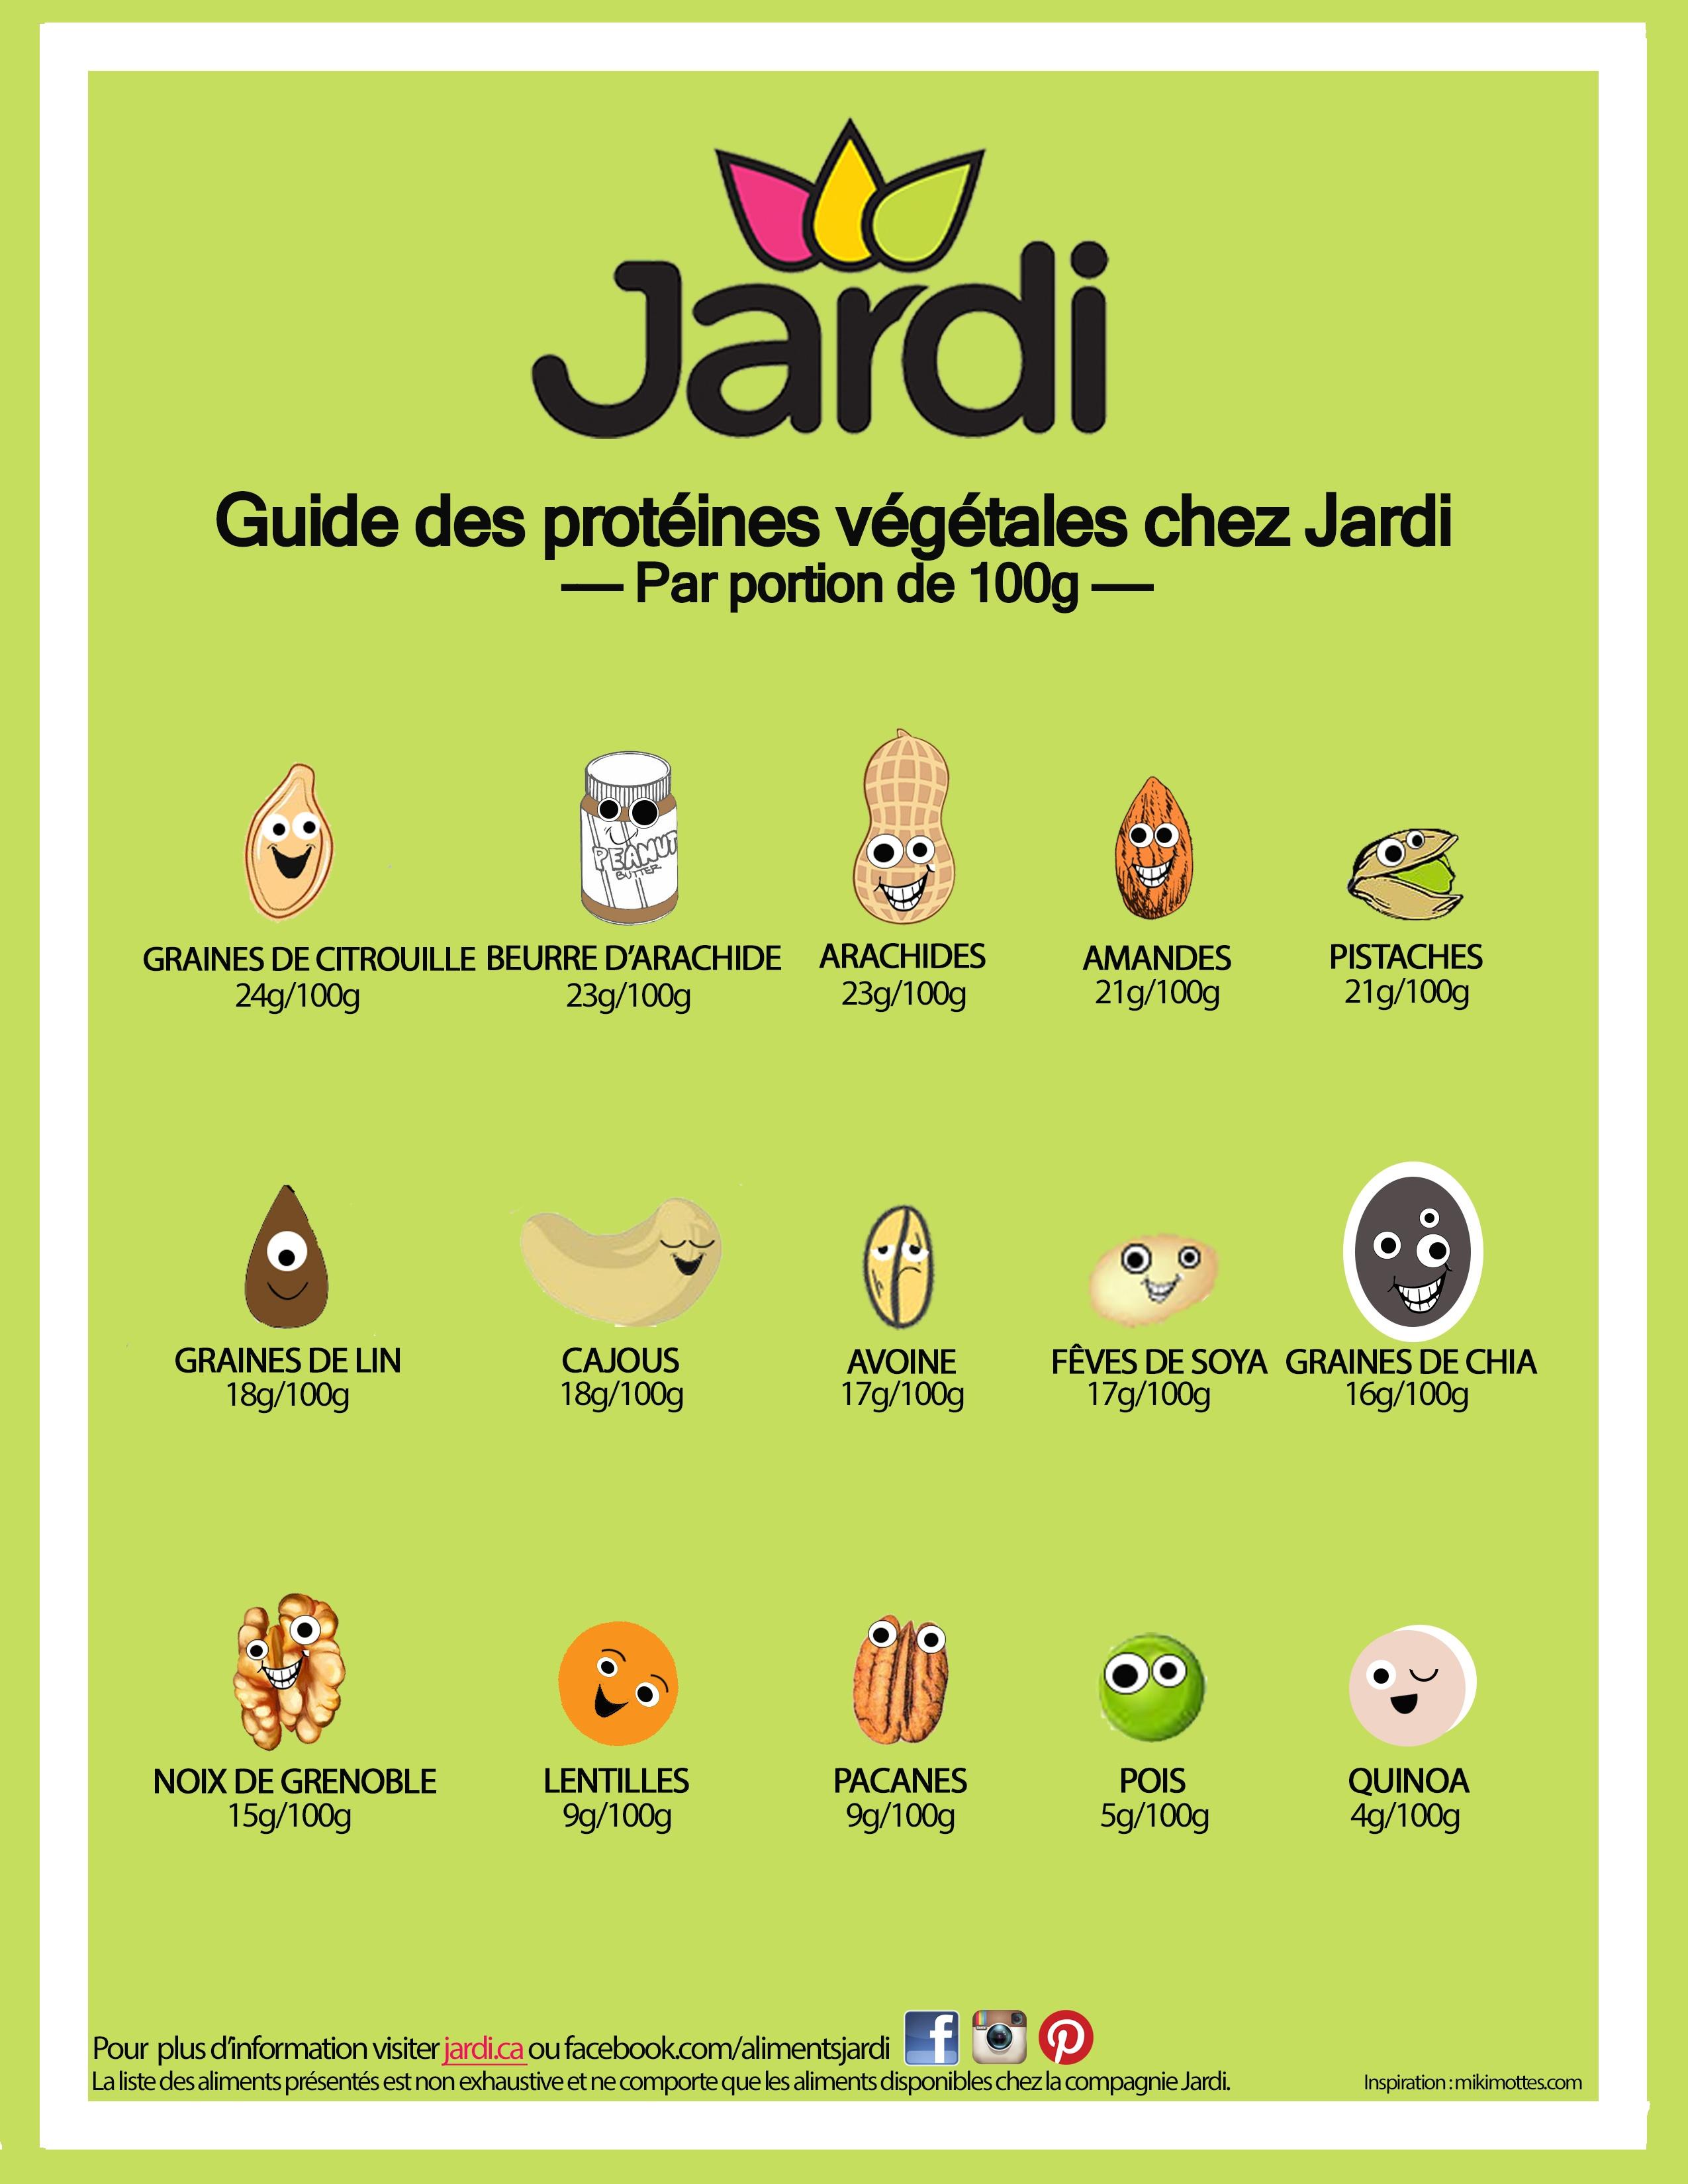 Guide des protéines végétales en tableau